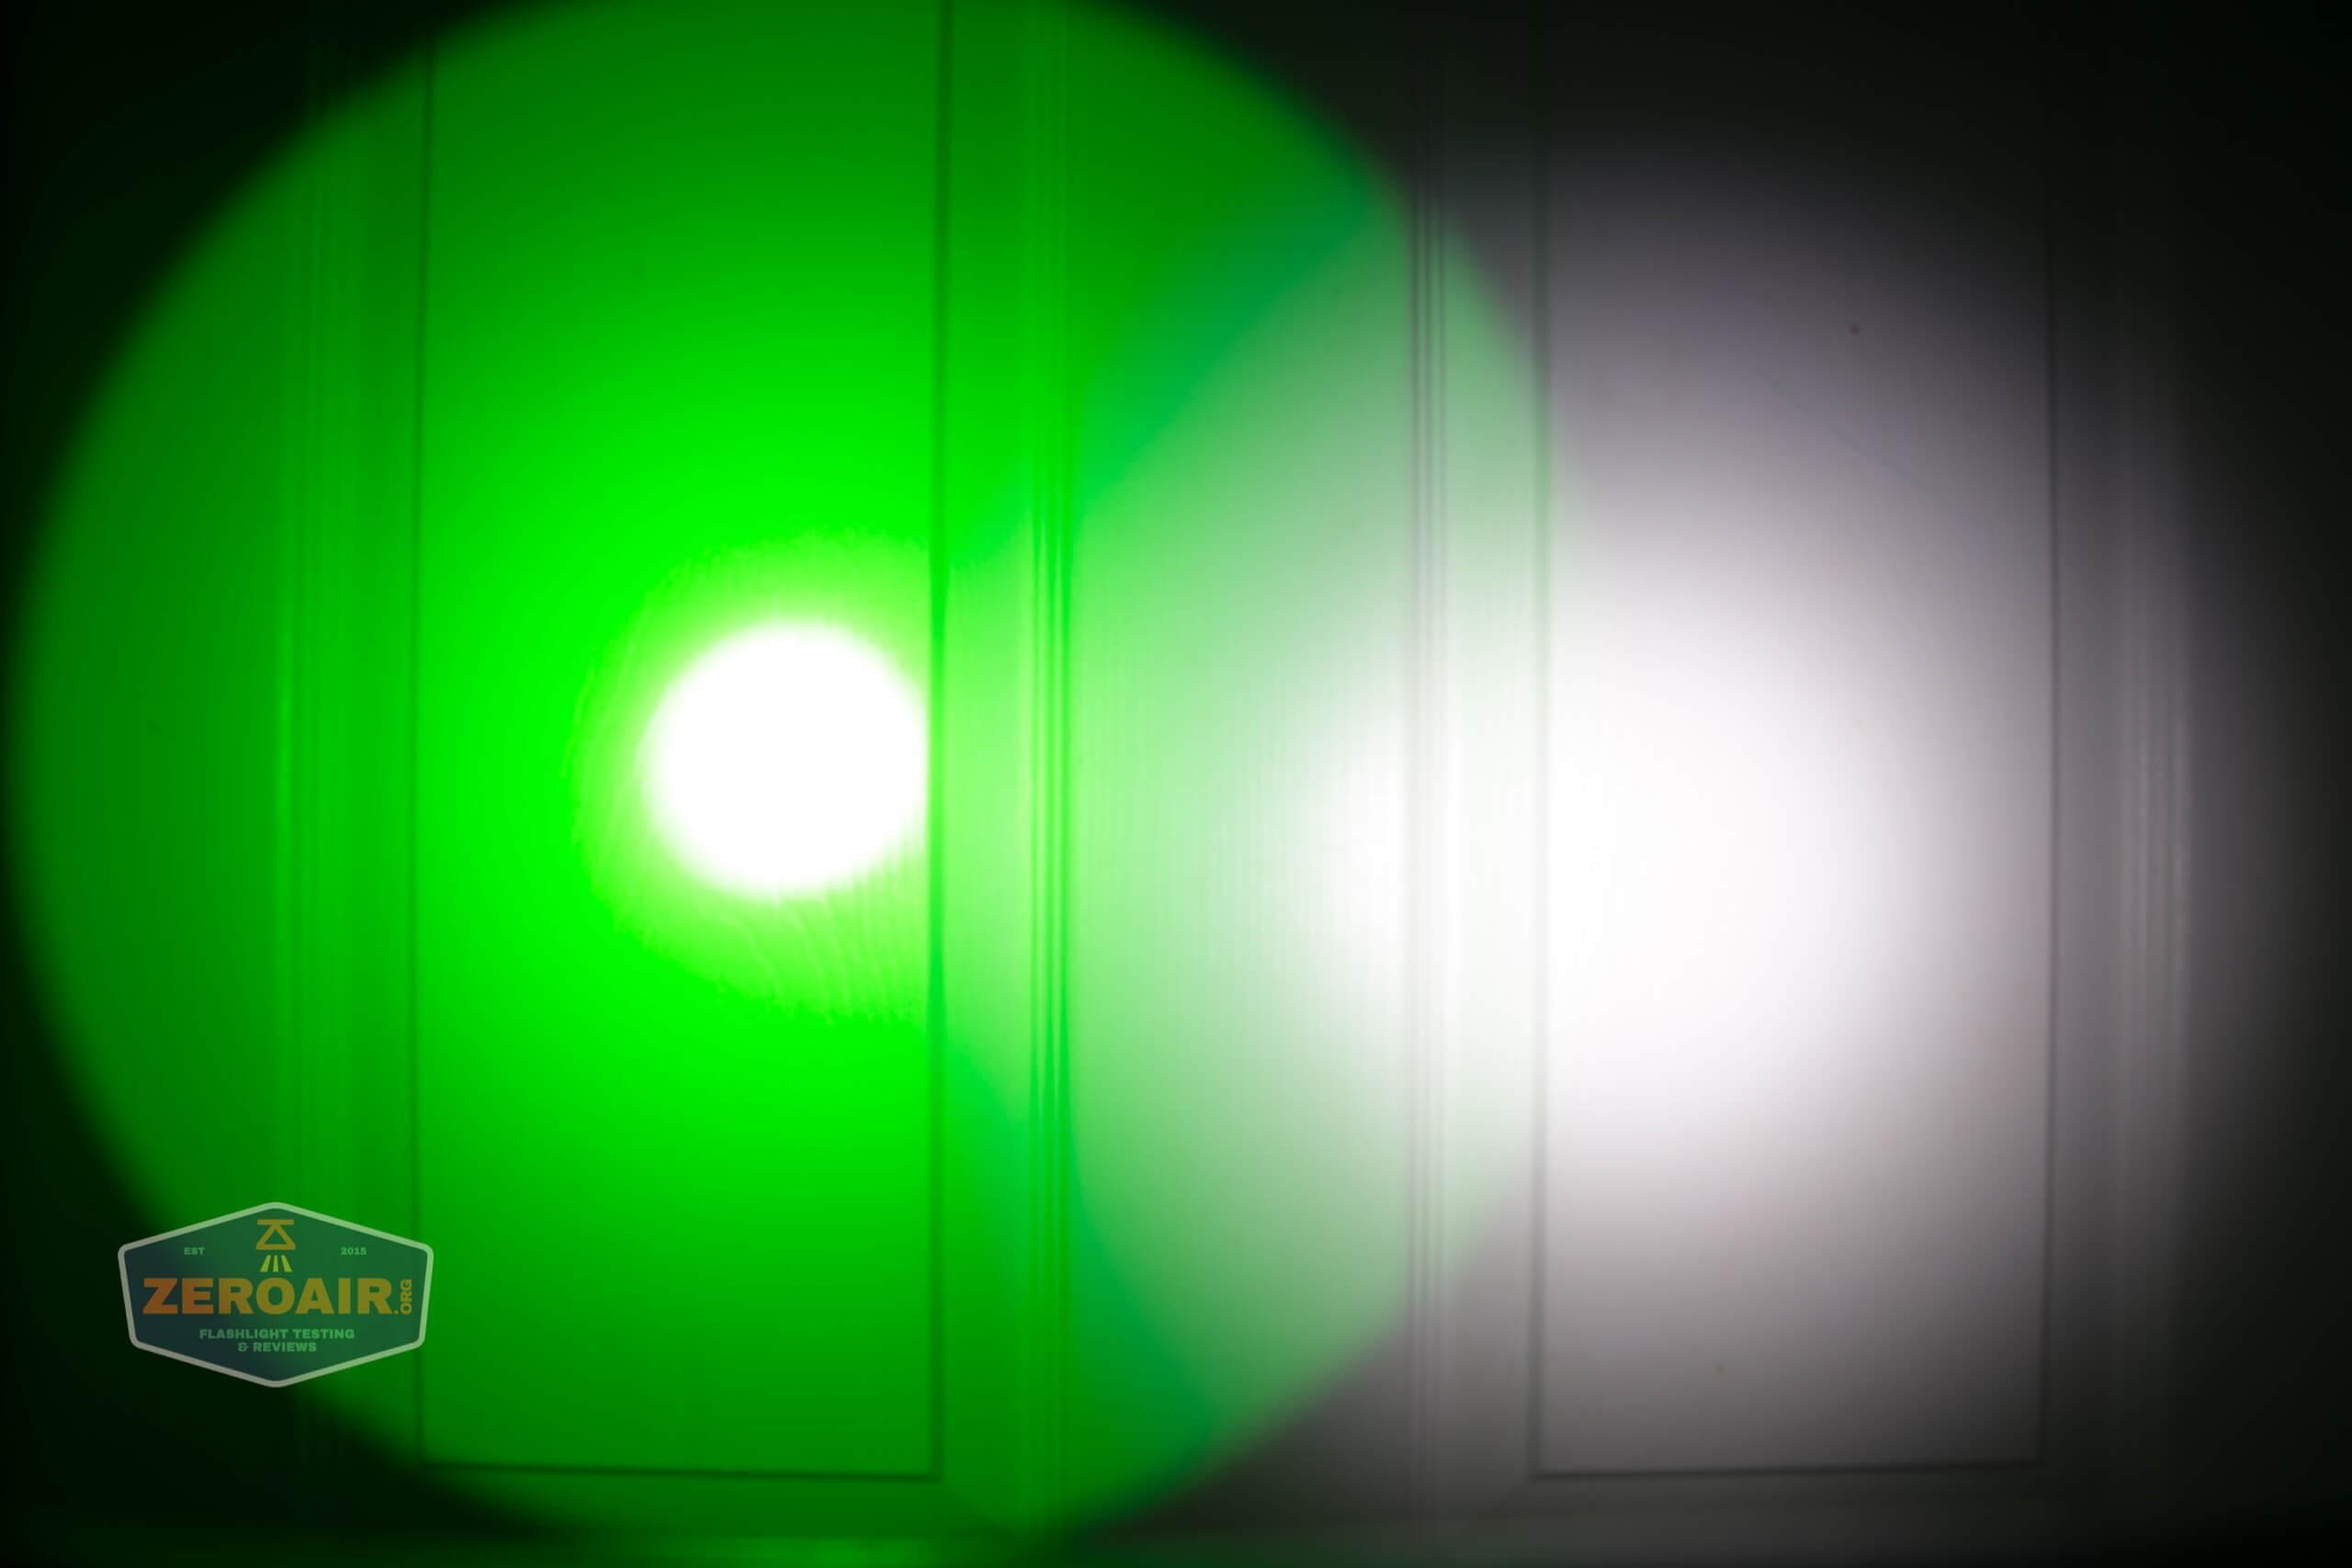 cyansky h5 green beamshot door 2